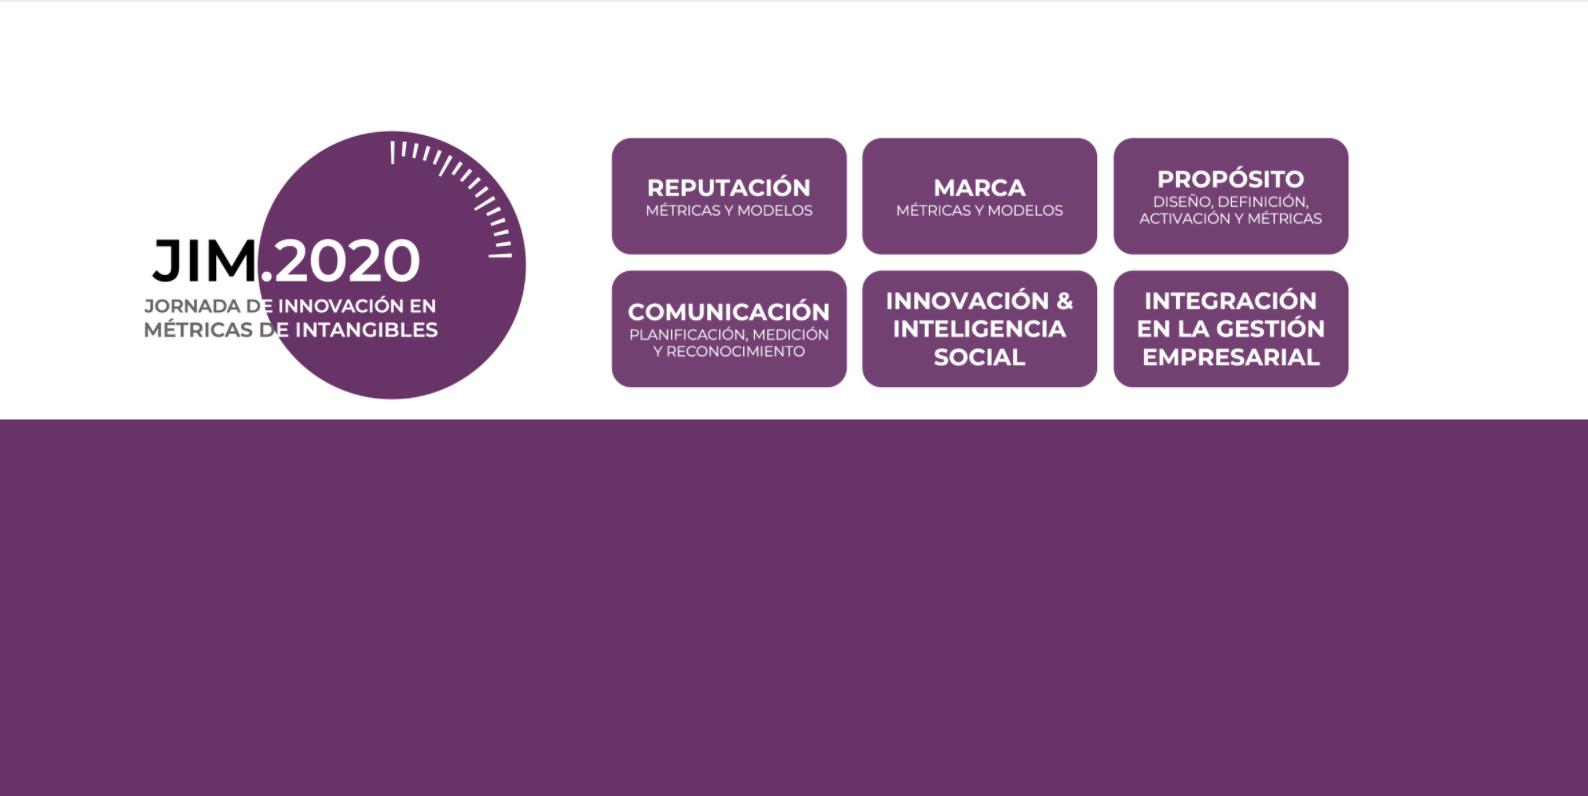 El COVID-19 aumenta la importancia de la gestión y medición de intangibles para la generación de valor en las empresas